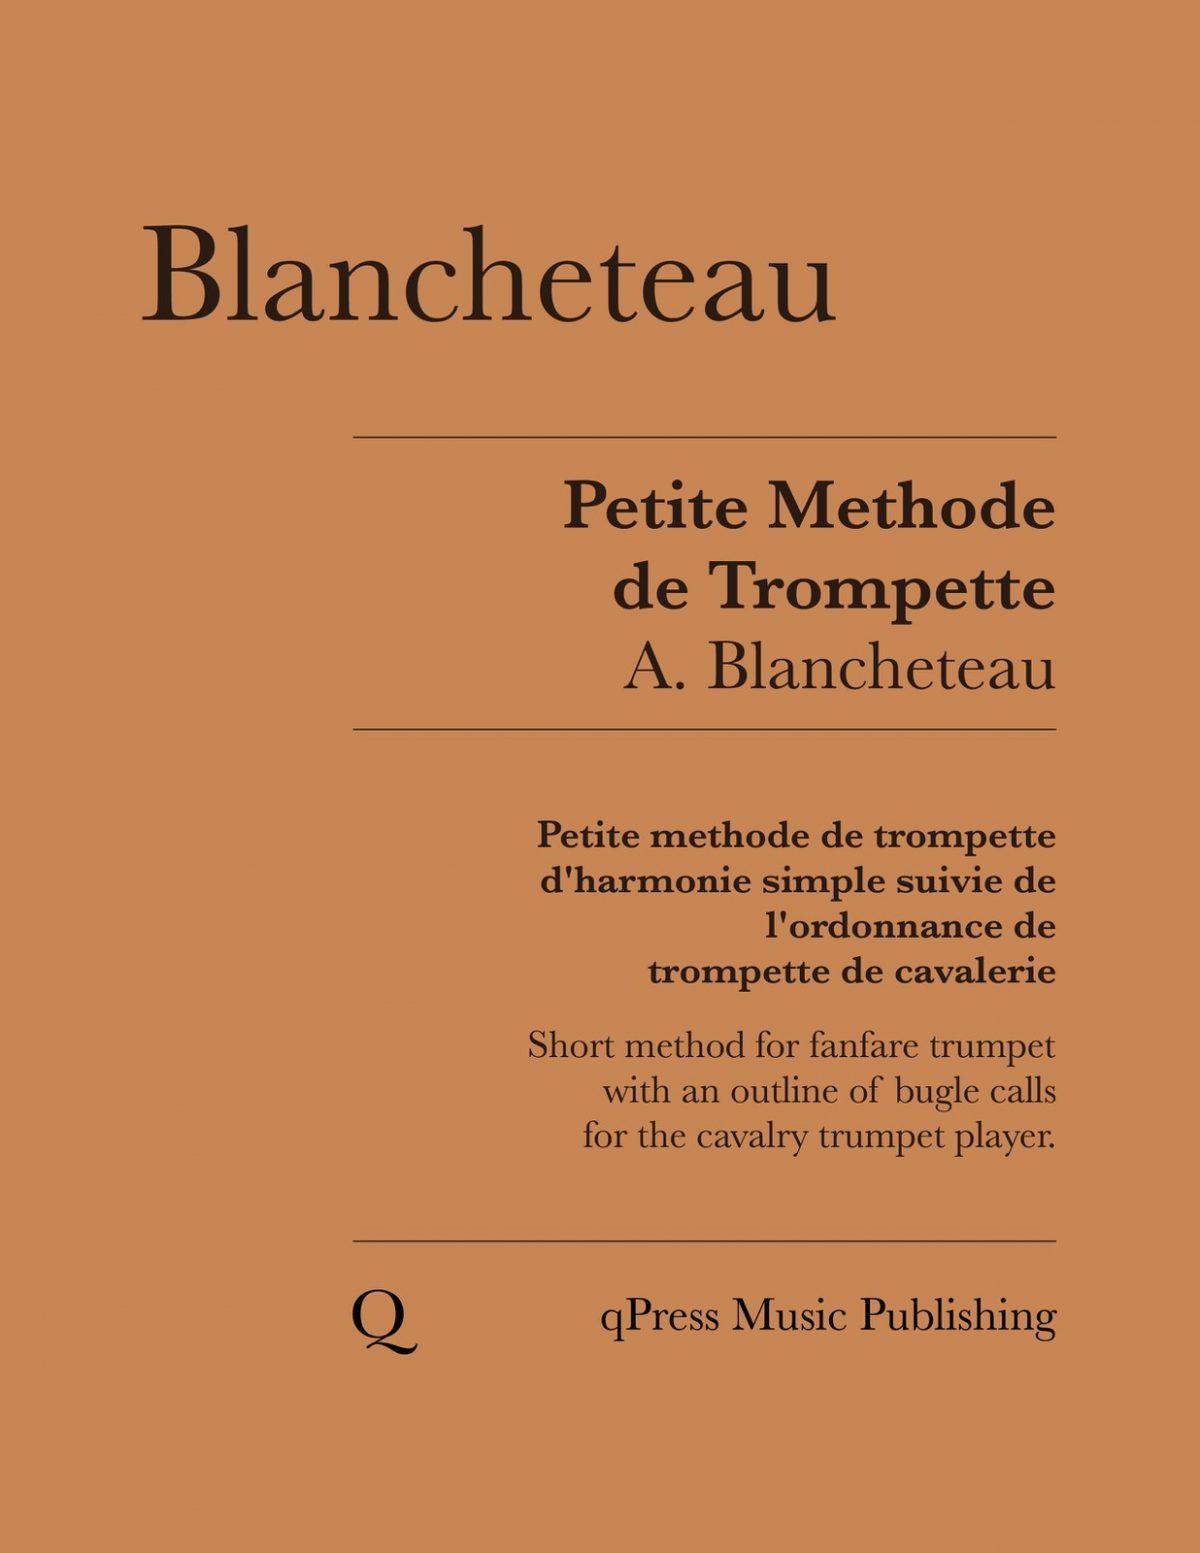 Blancheteau, Petite methode de trompette d'harmonie simple suivie de l'ordonnance de trompette de cavalerie-p01